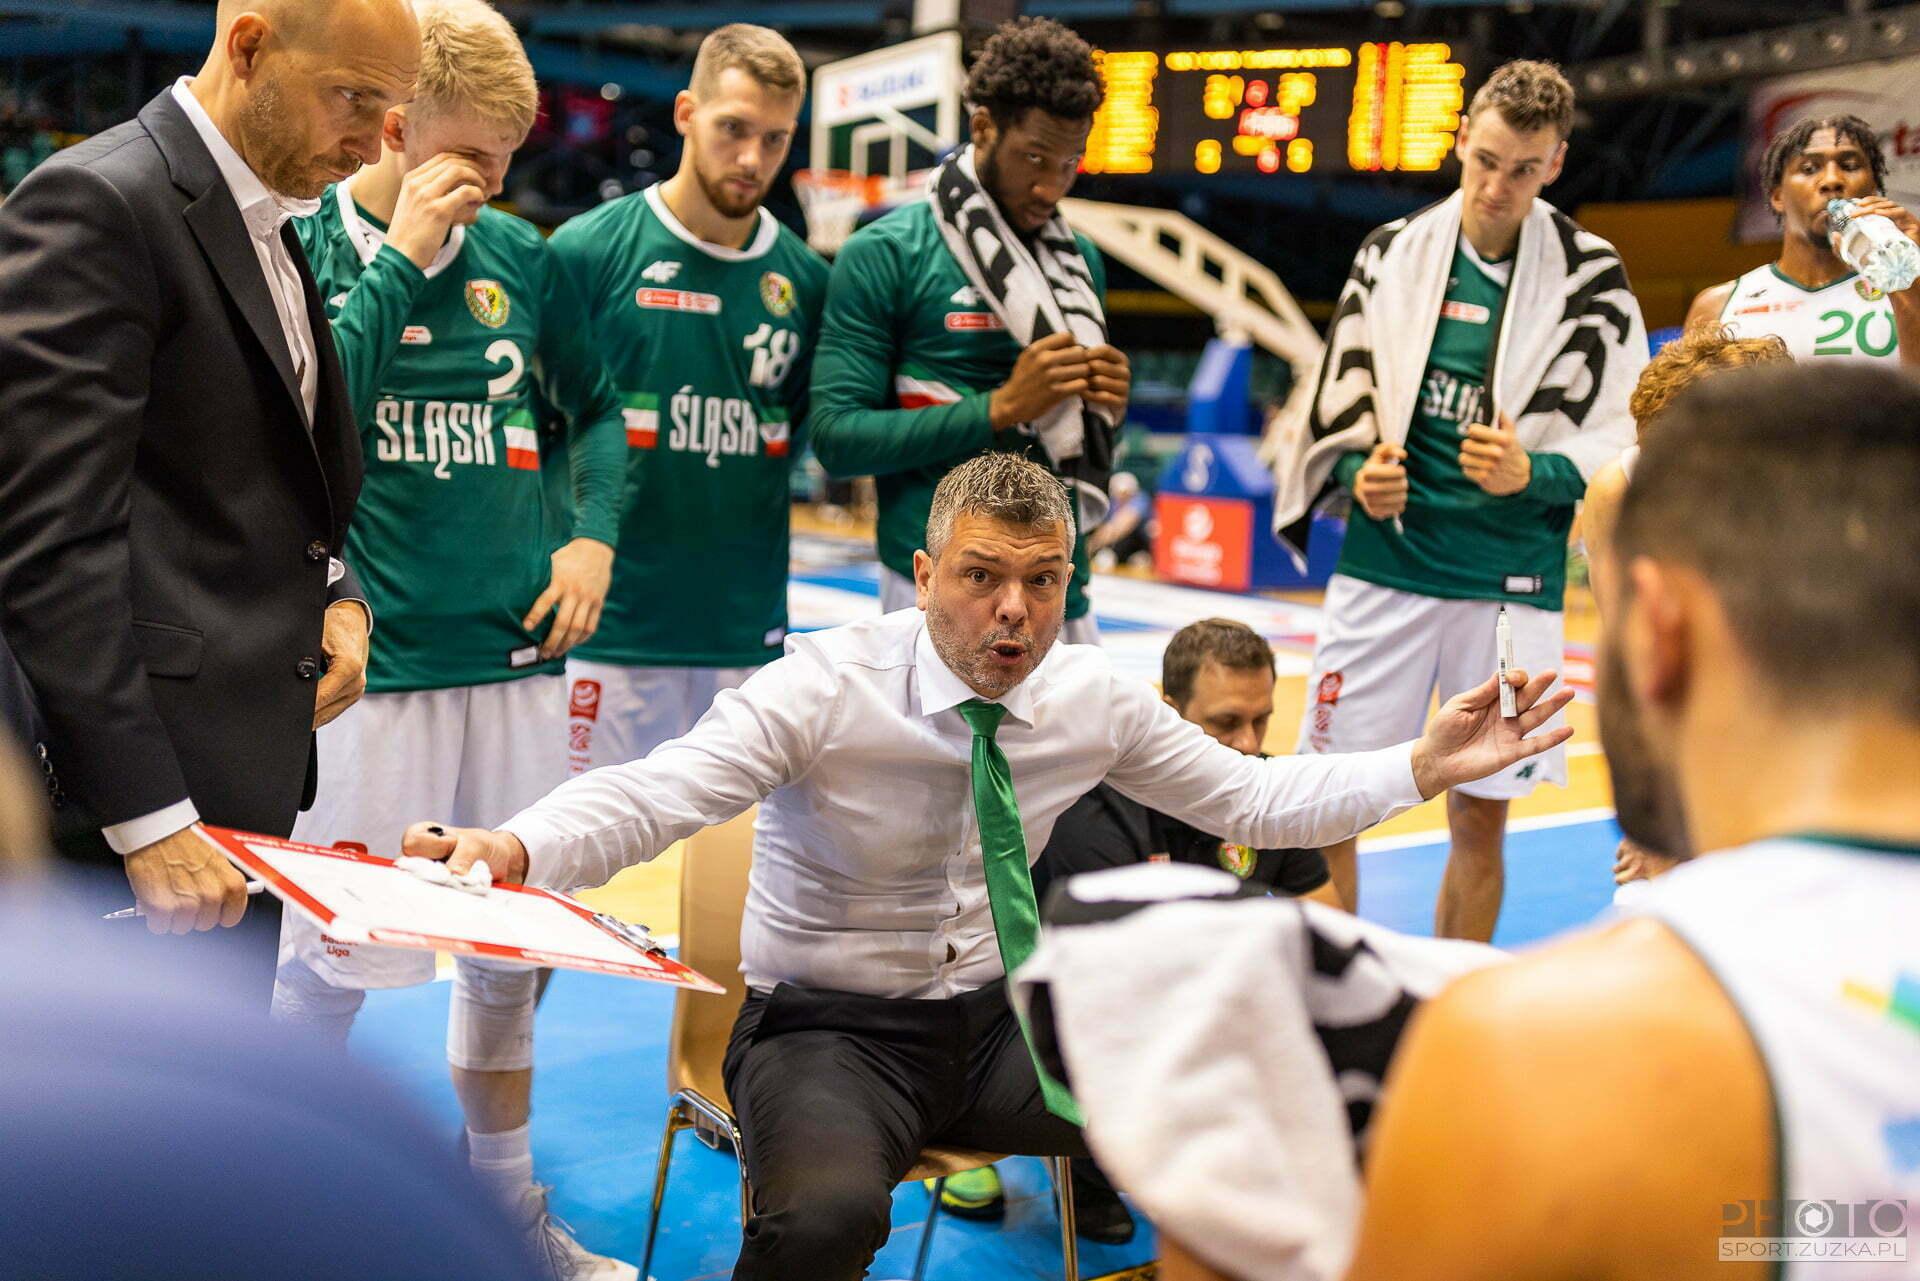 2021-09-20 WKS Śląsk Wrocław vs Enea Abramczyk Astoria Bydgoszcz